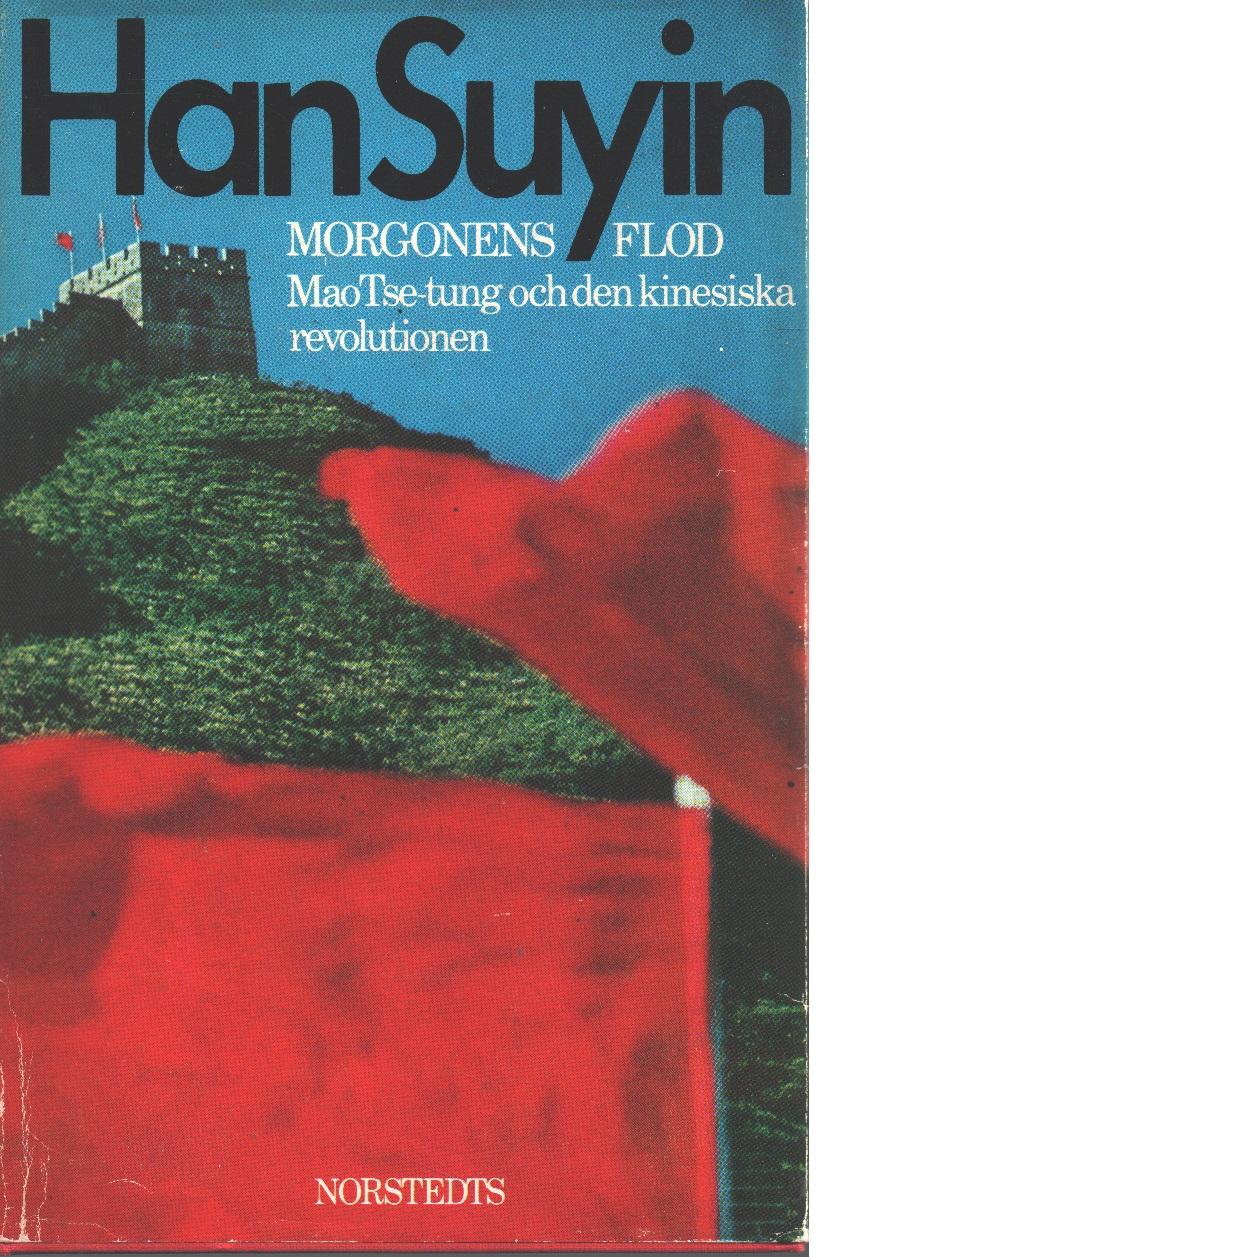 Morgonens flod : Mao Tse-tung och den kinesiska revolutionen 1893-1953 - Han, Suyin